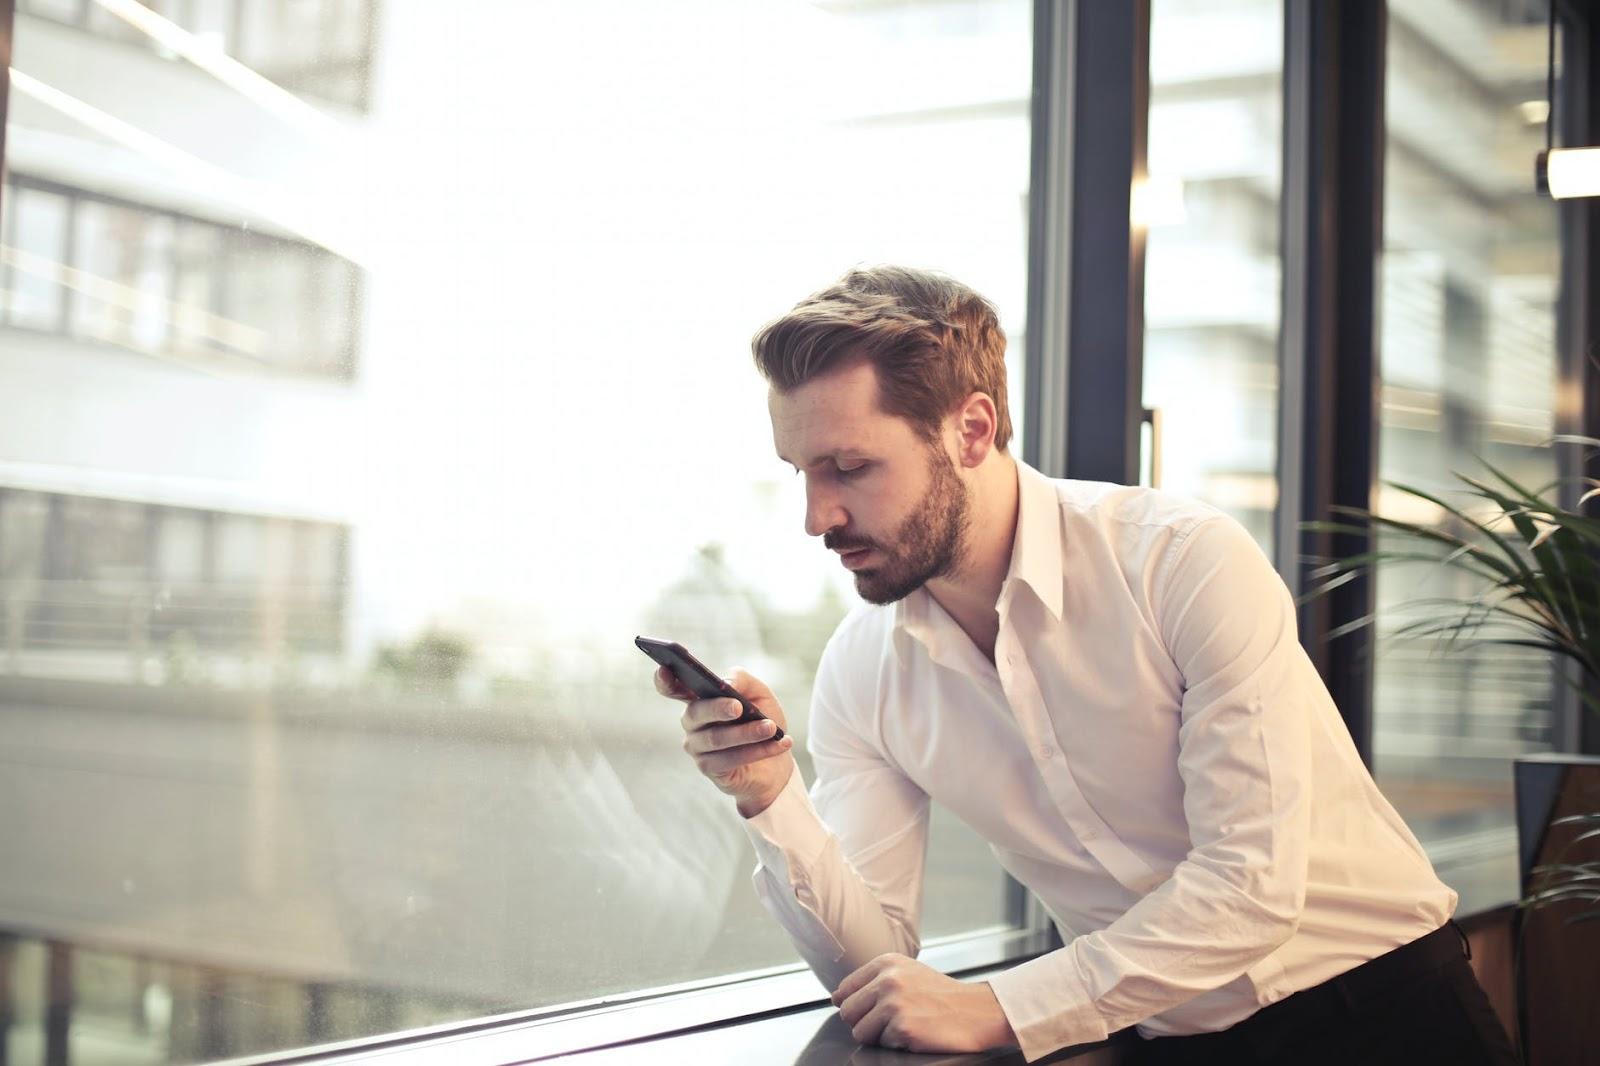 поведенческие характеристики мобильных пользователей